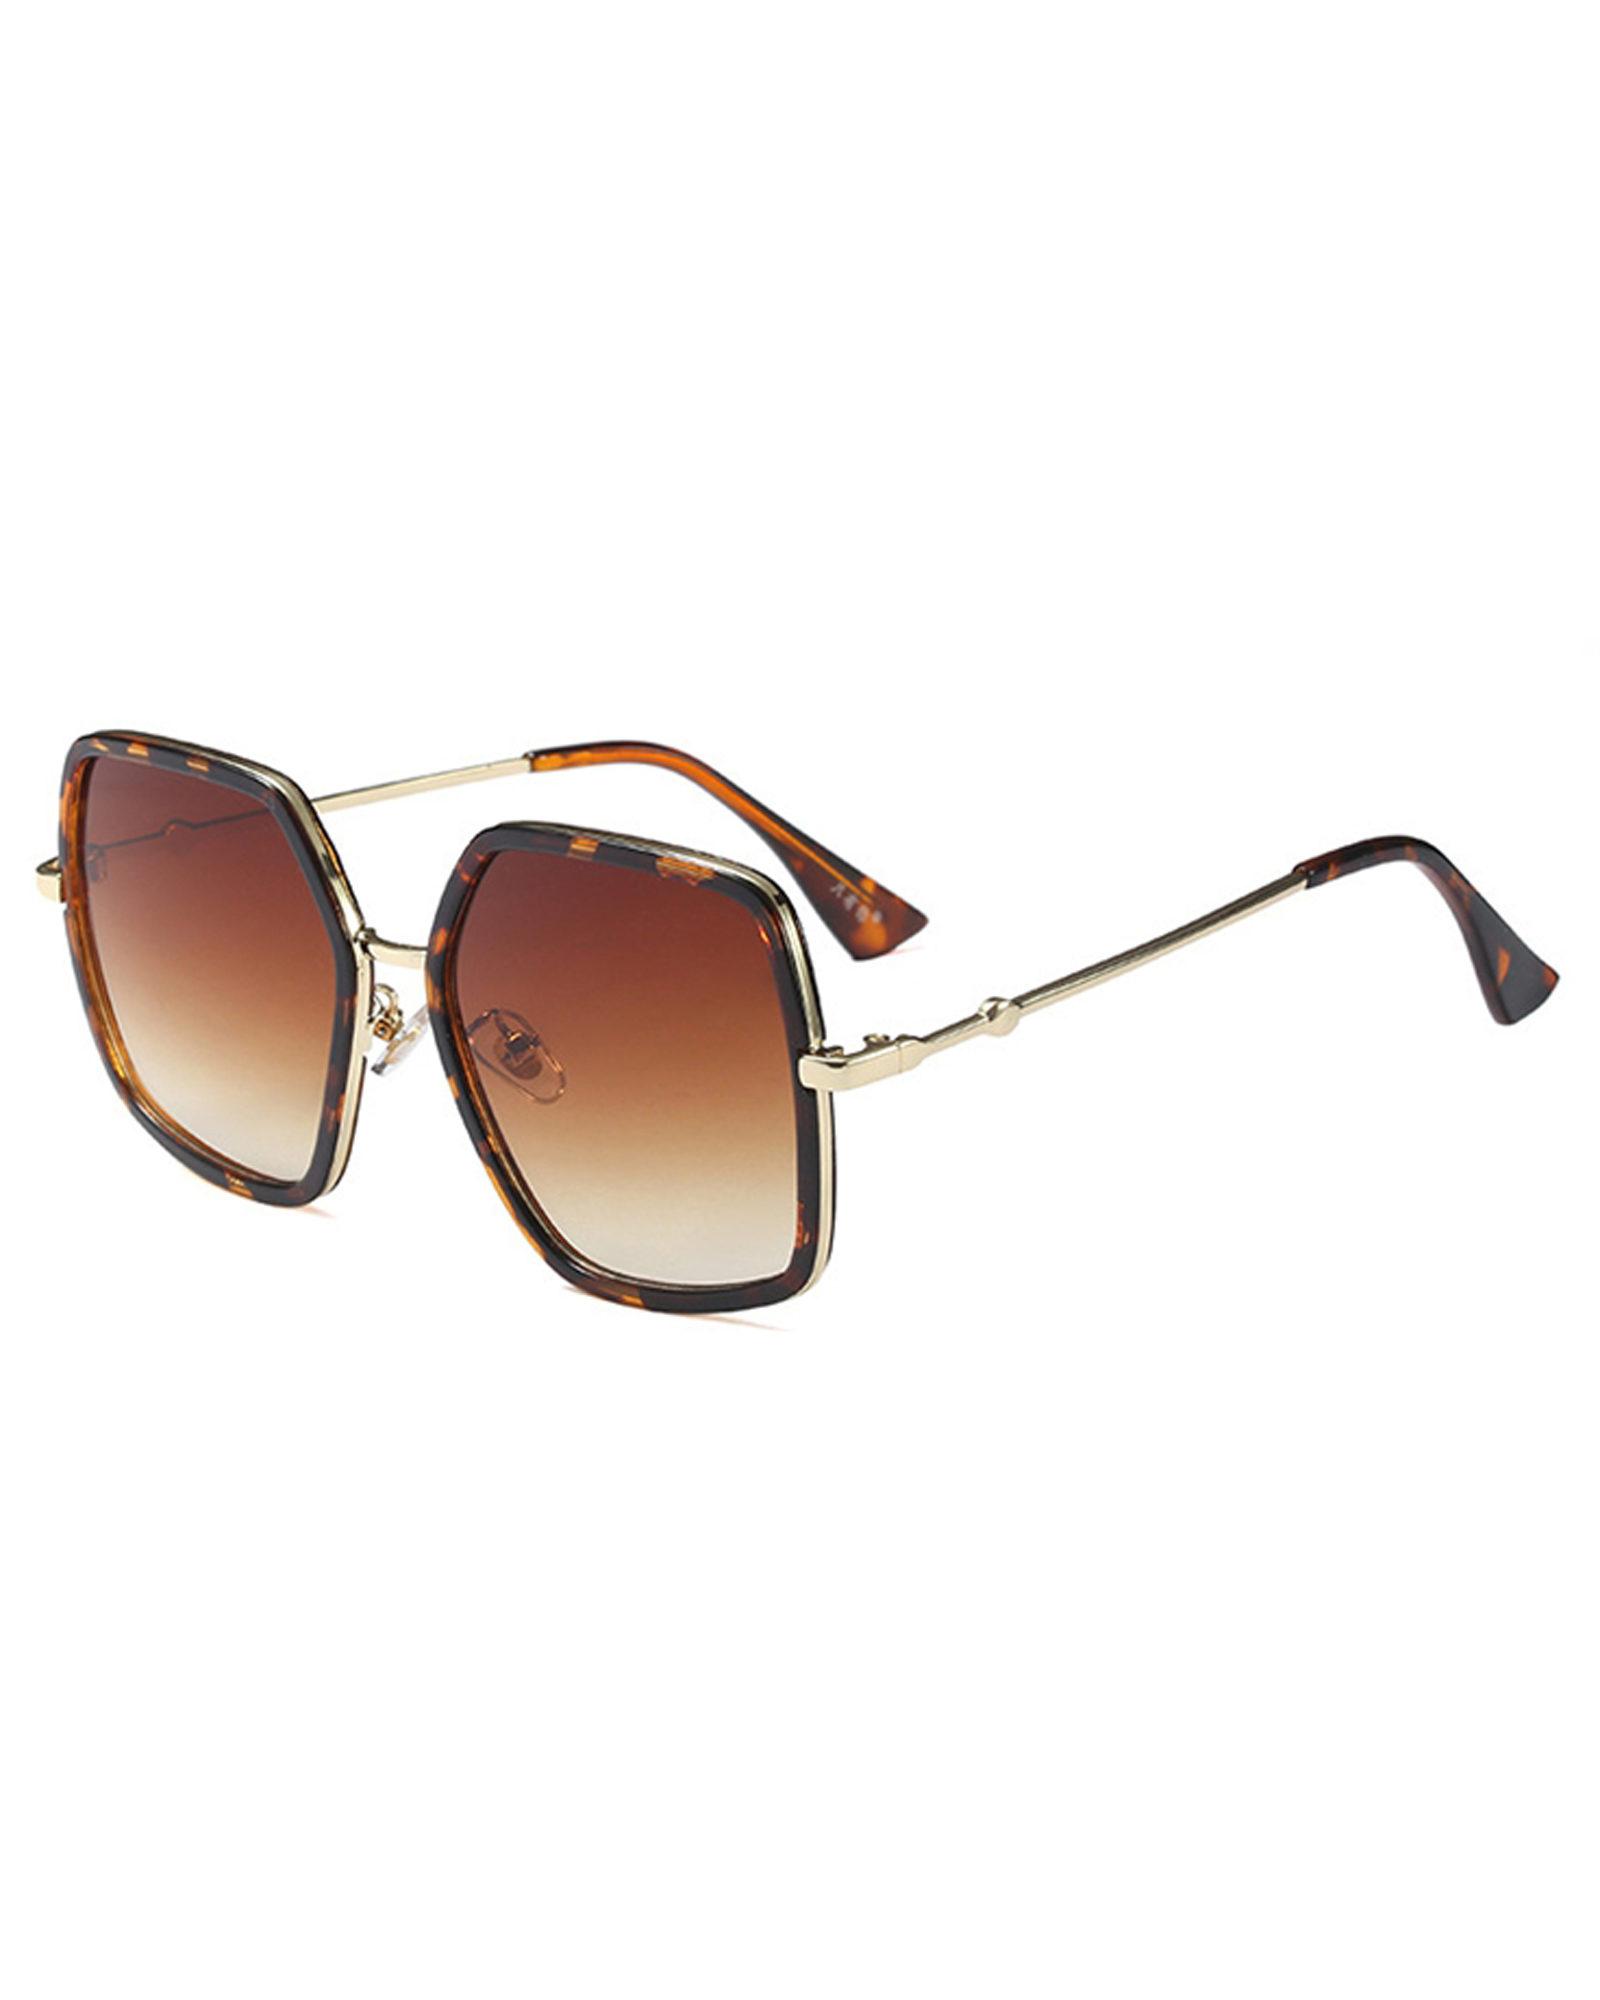 OOVY Vintage Retro Kids Sunglasses